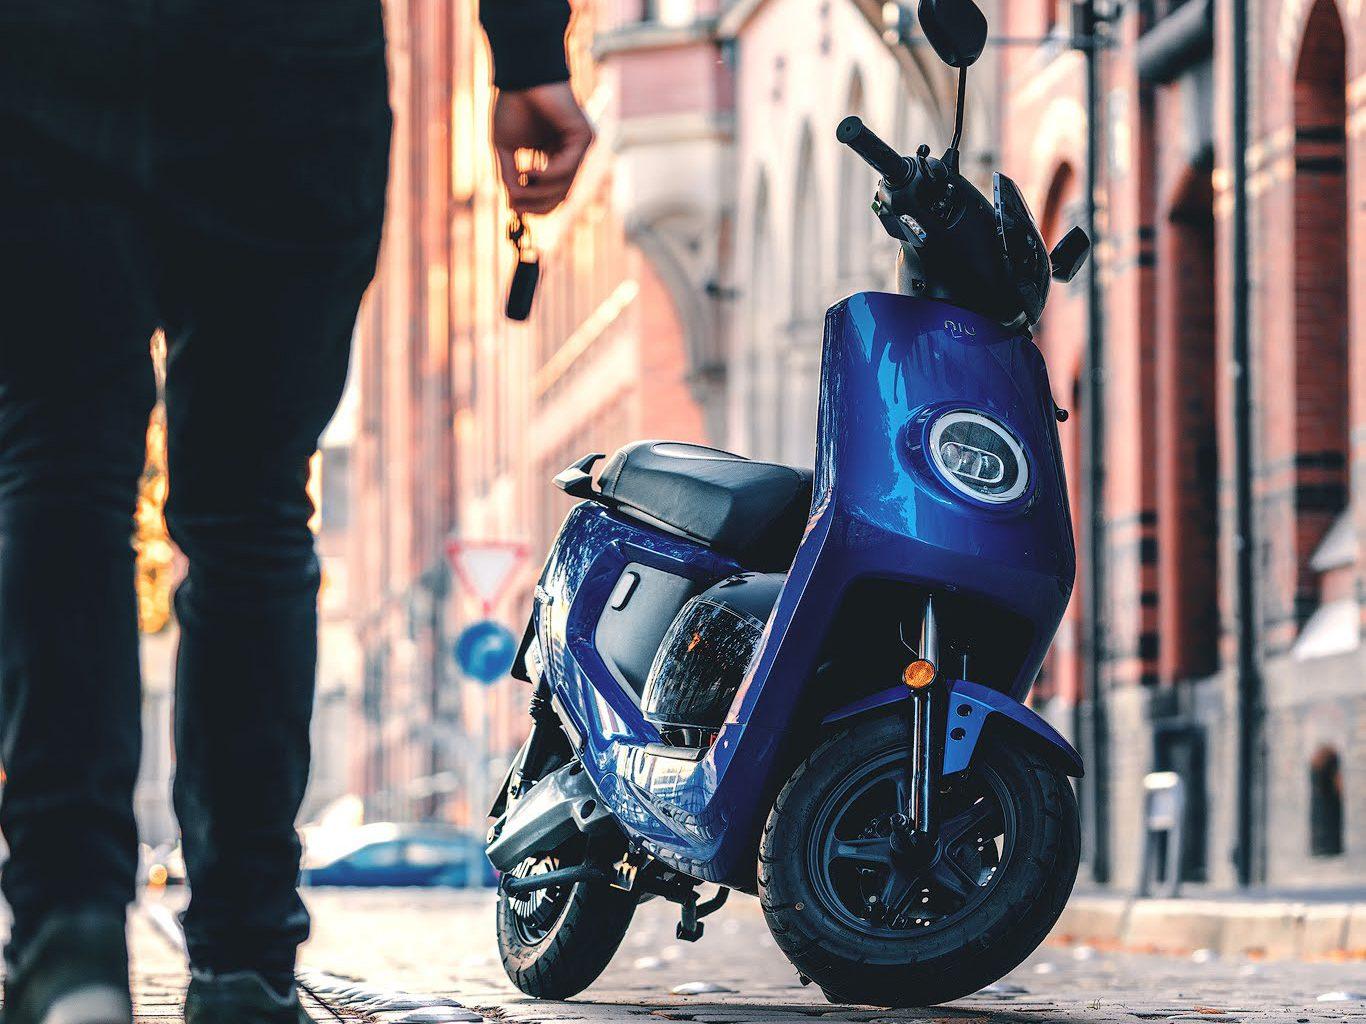 Scegli uno scooter elettrico in base a questi consigli